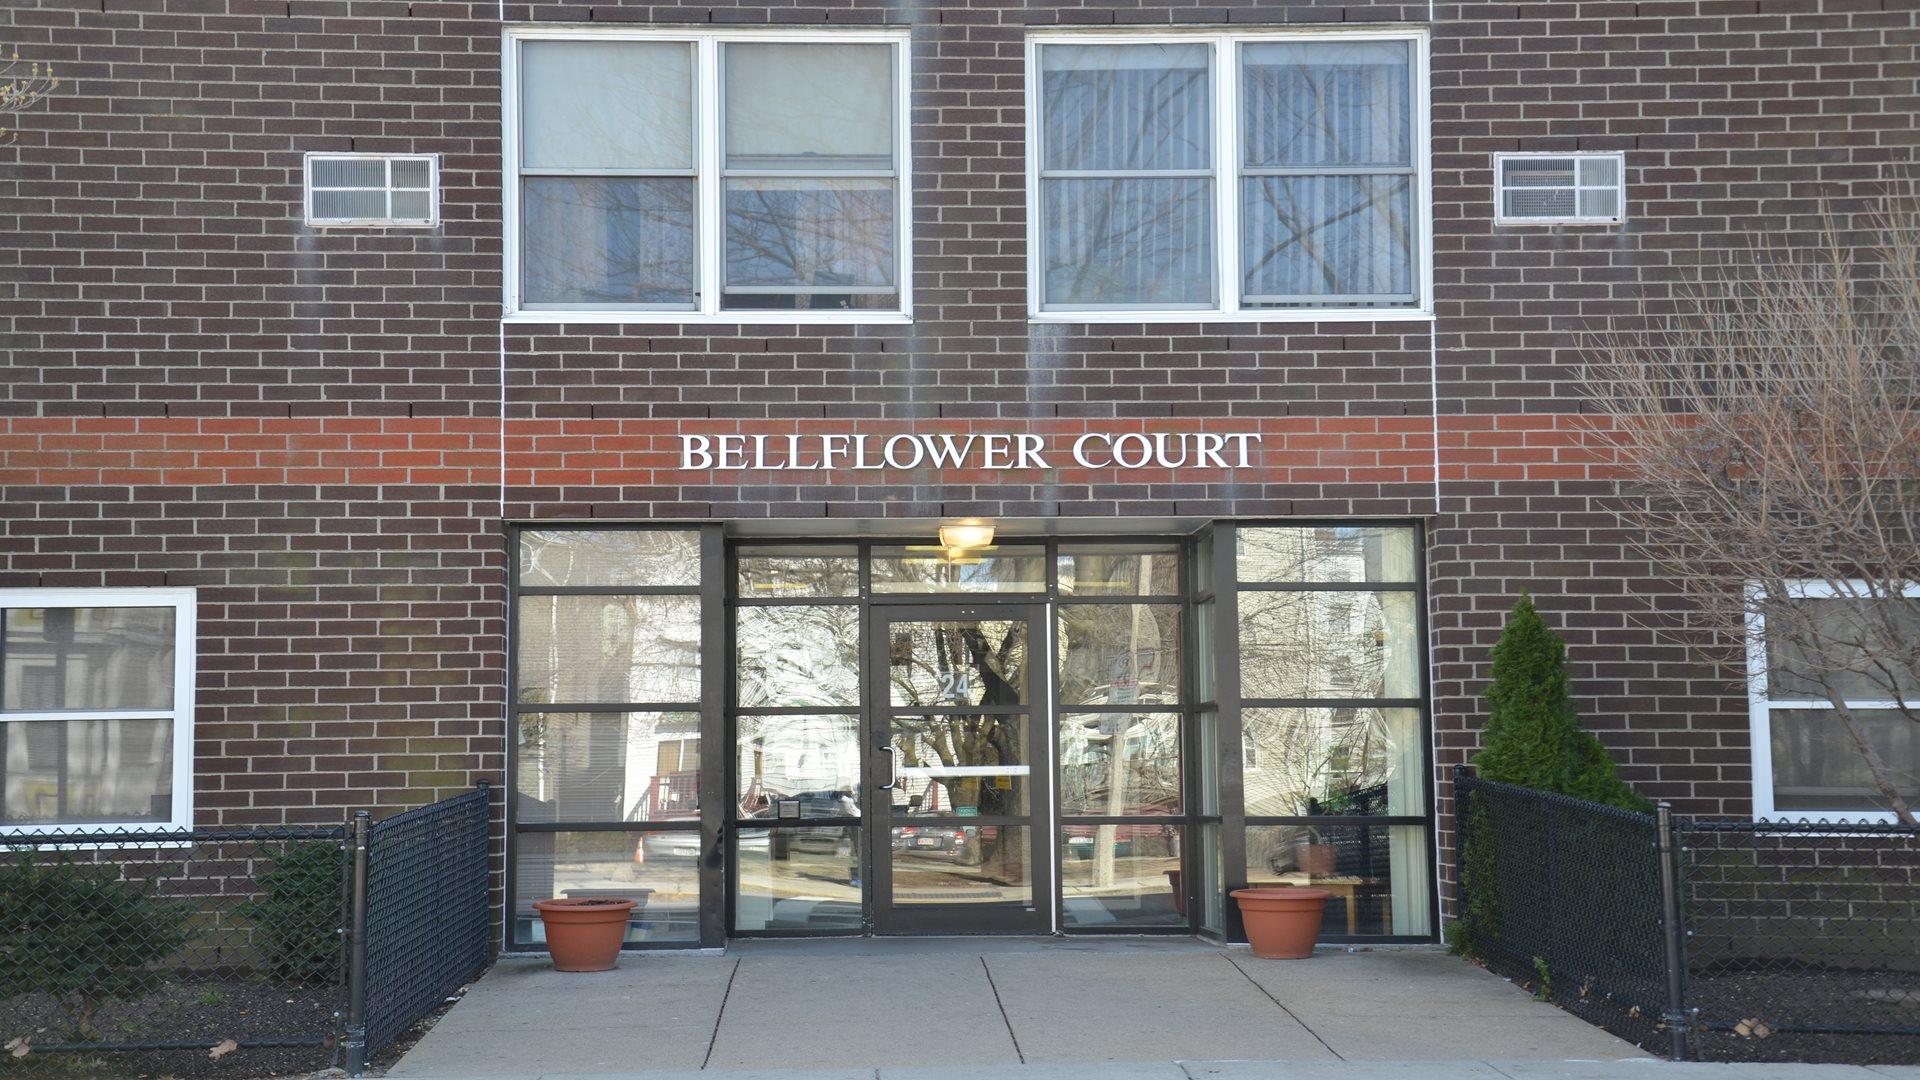 Image of Bellflower Street